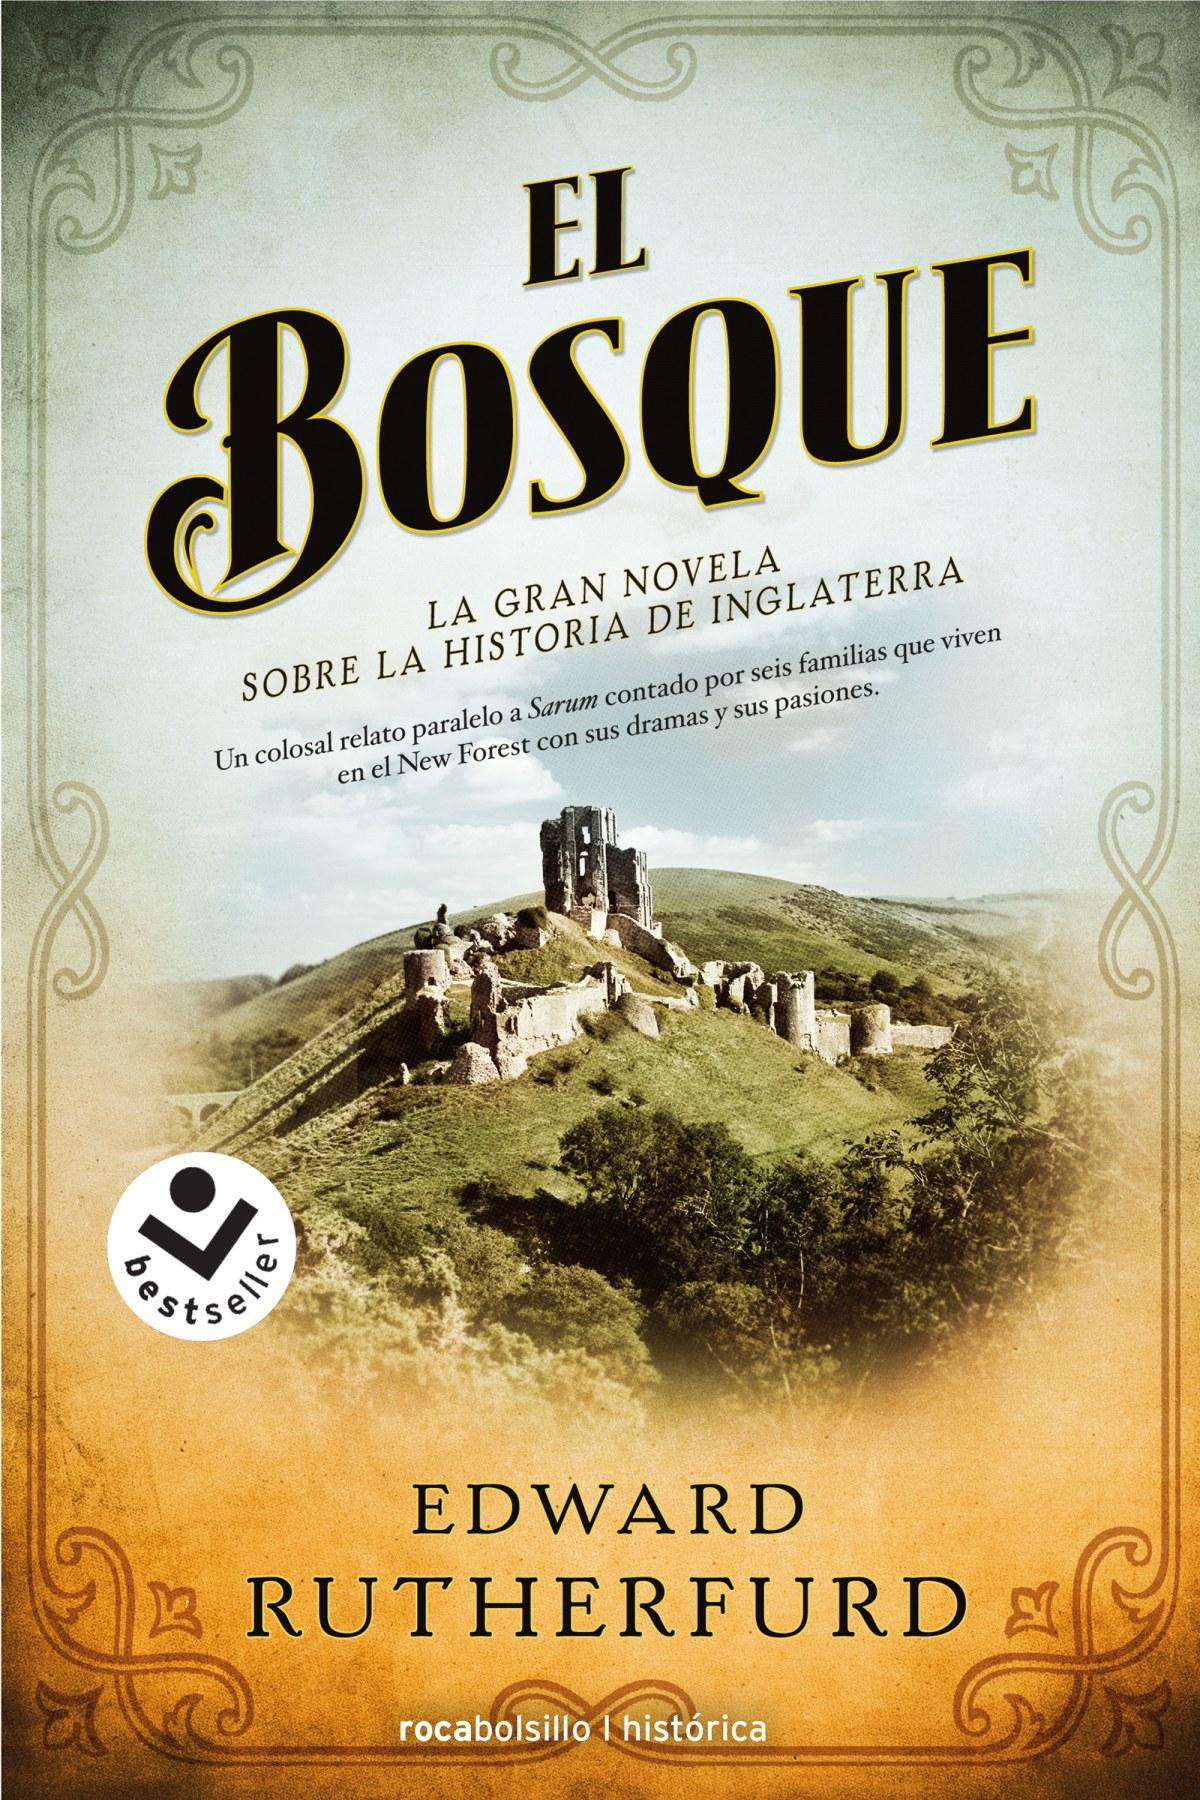 EL BOSQUE 9788416240906